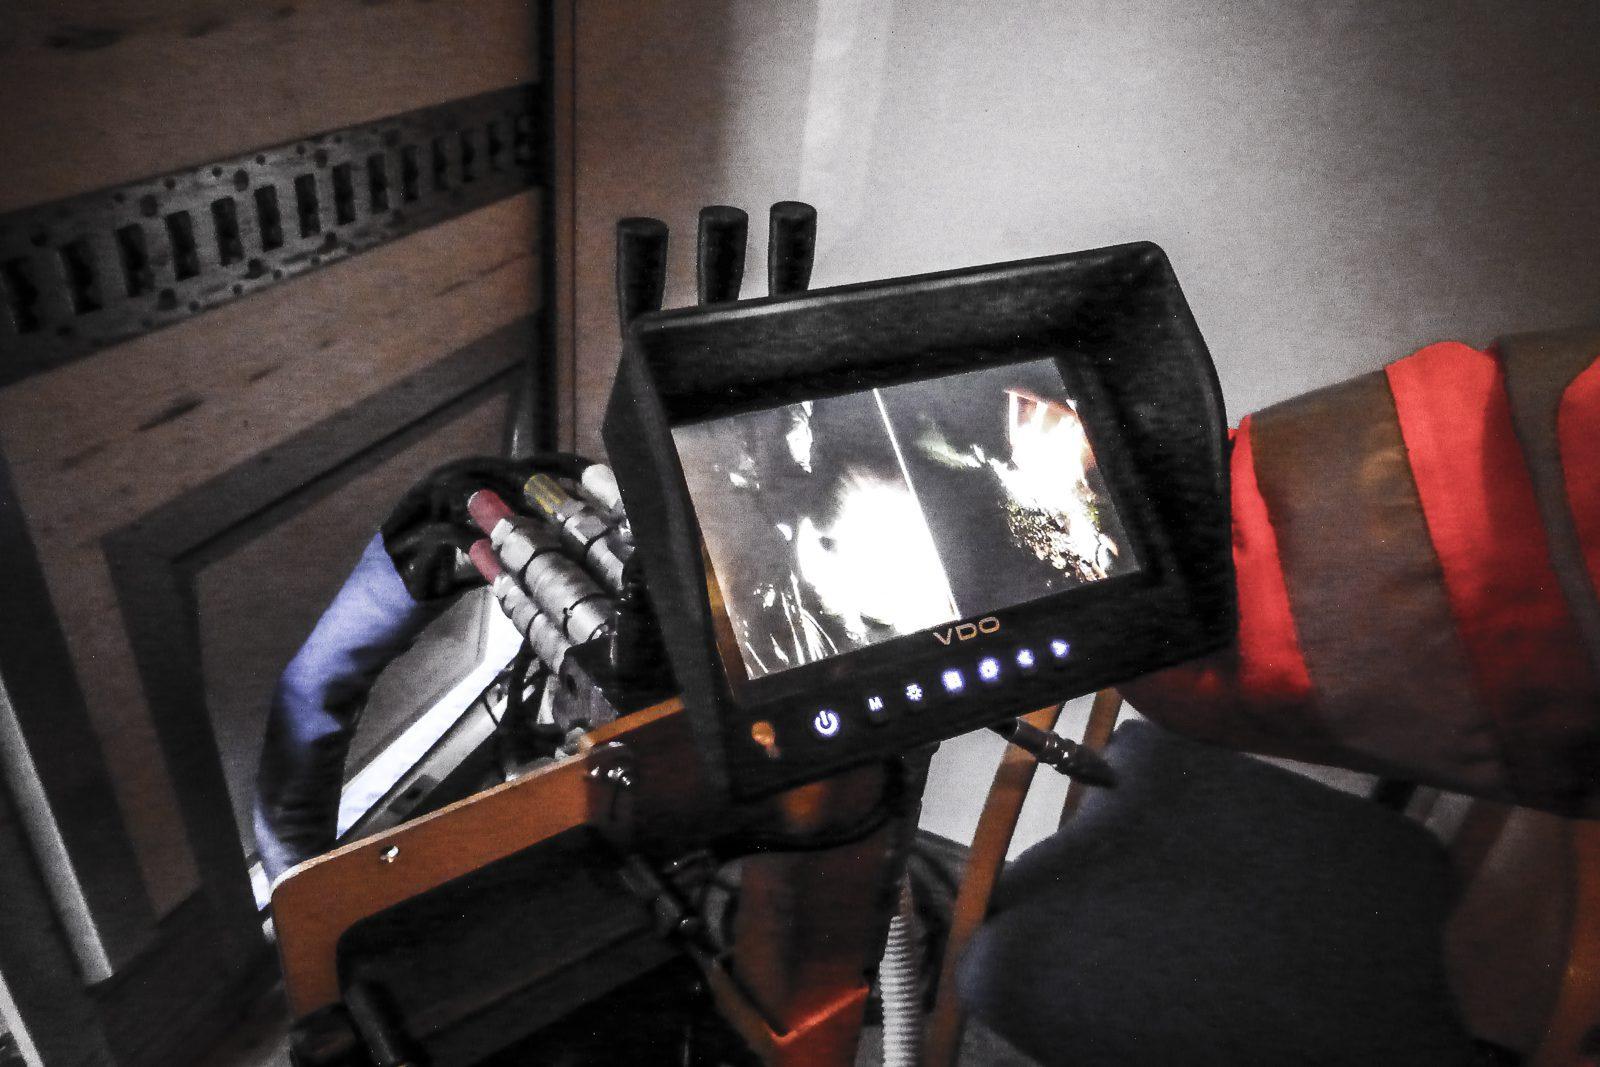 Filming av rør